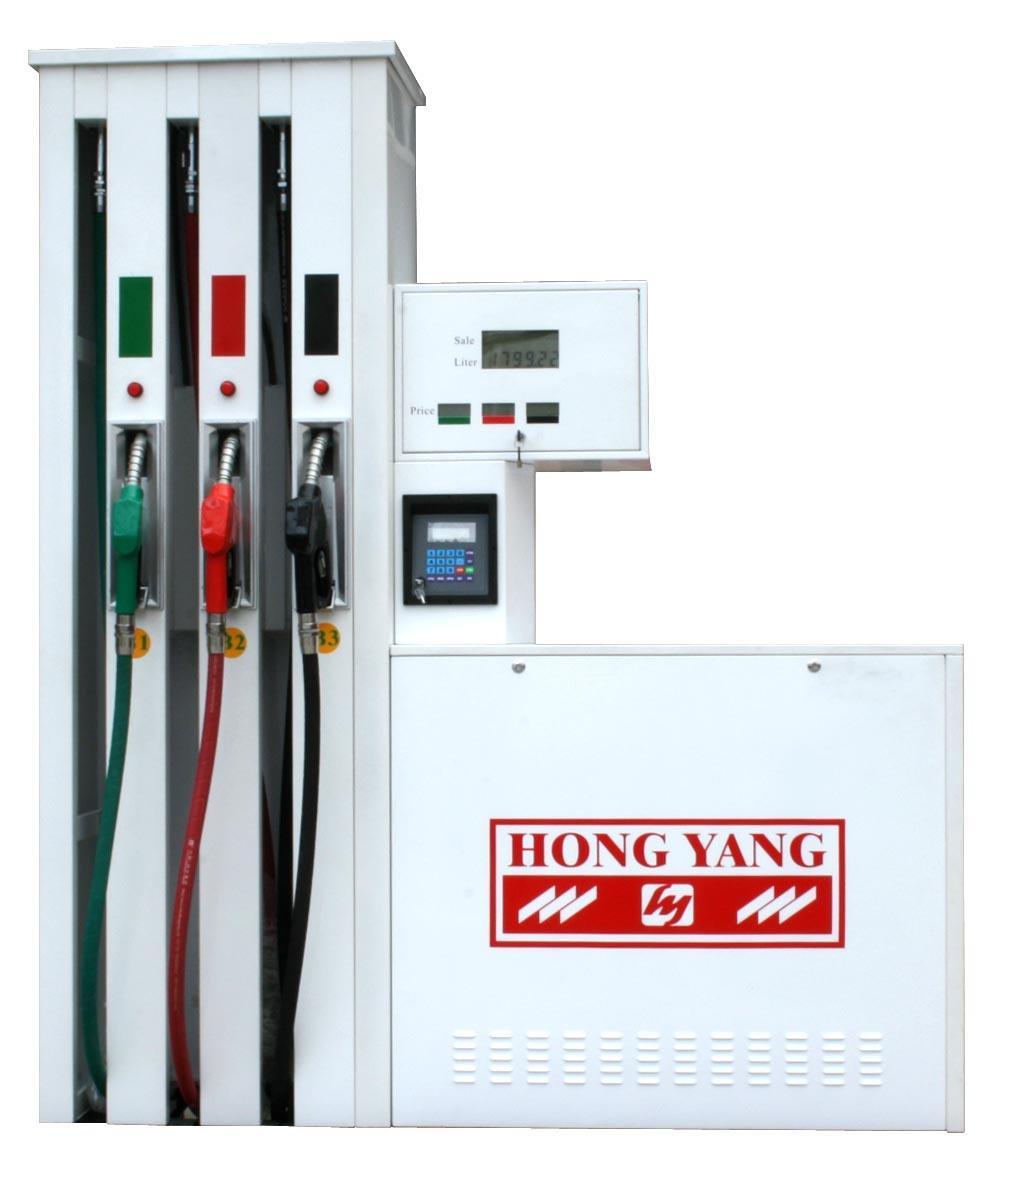 Petrol Pump Machine, Petrol Pump Fuel Dispenser, Petrol Pump Equipment